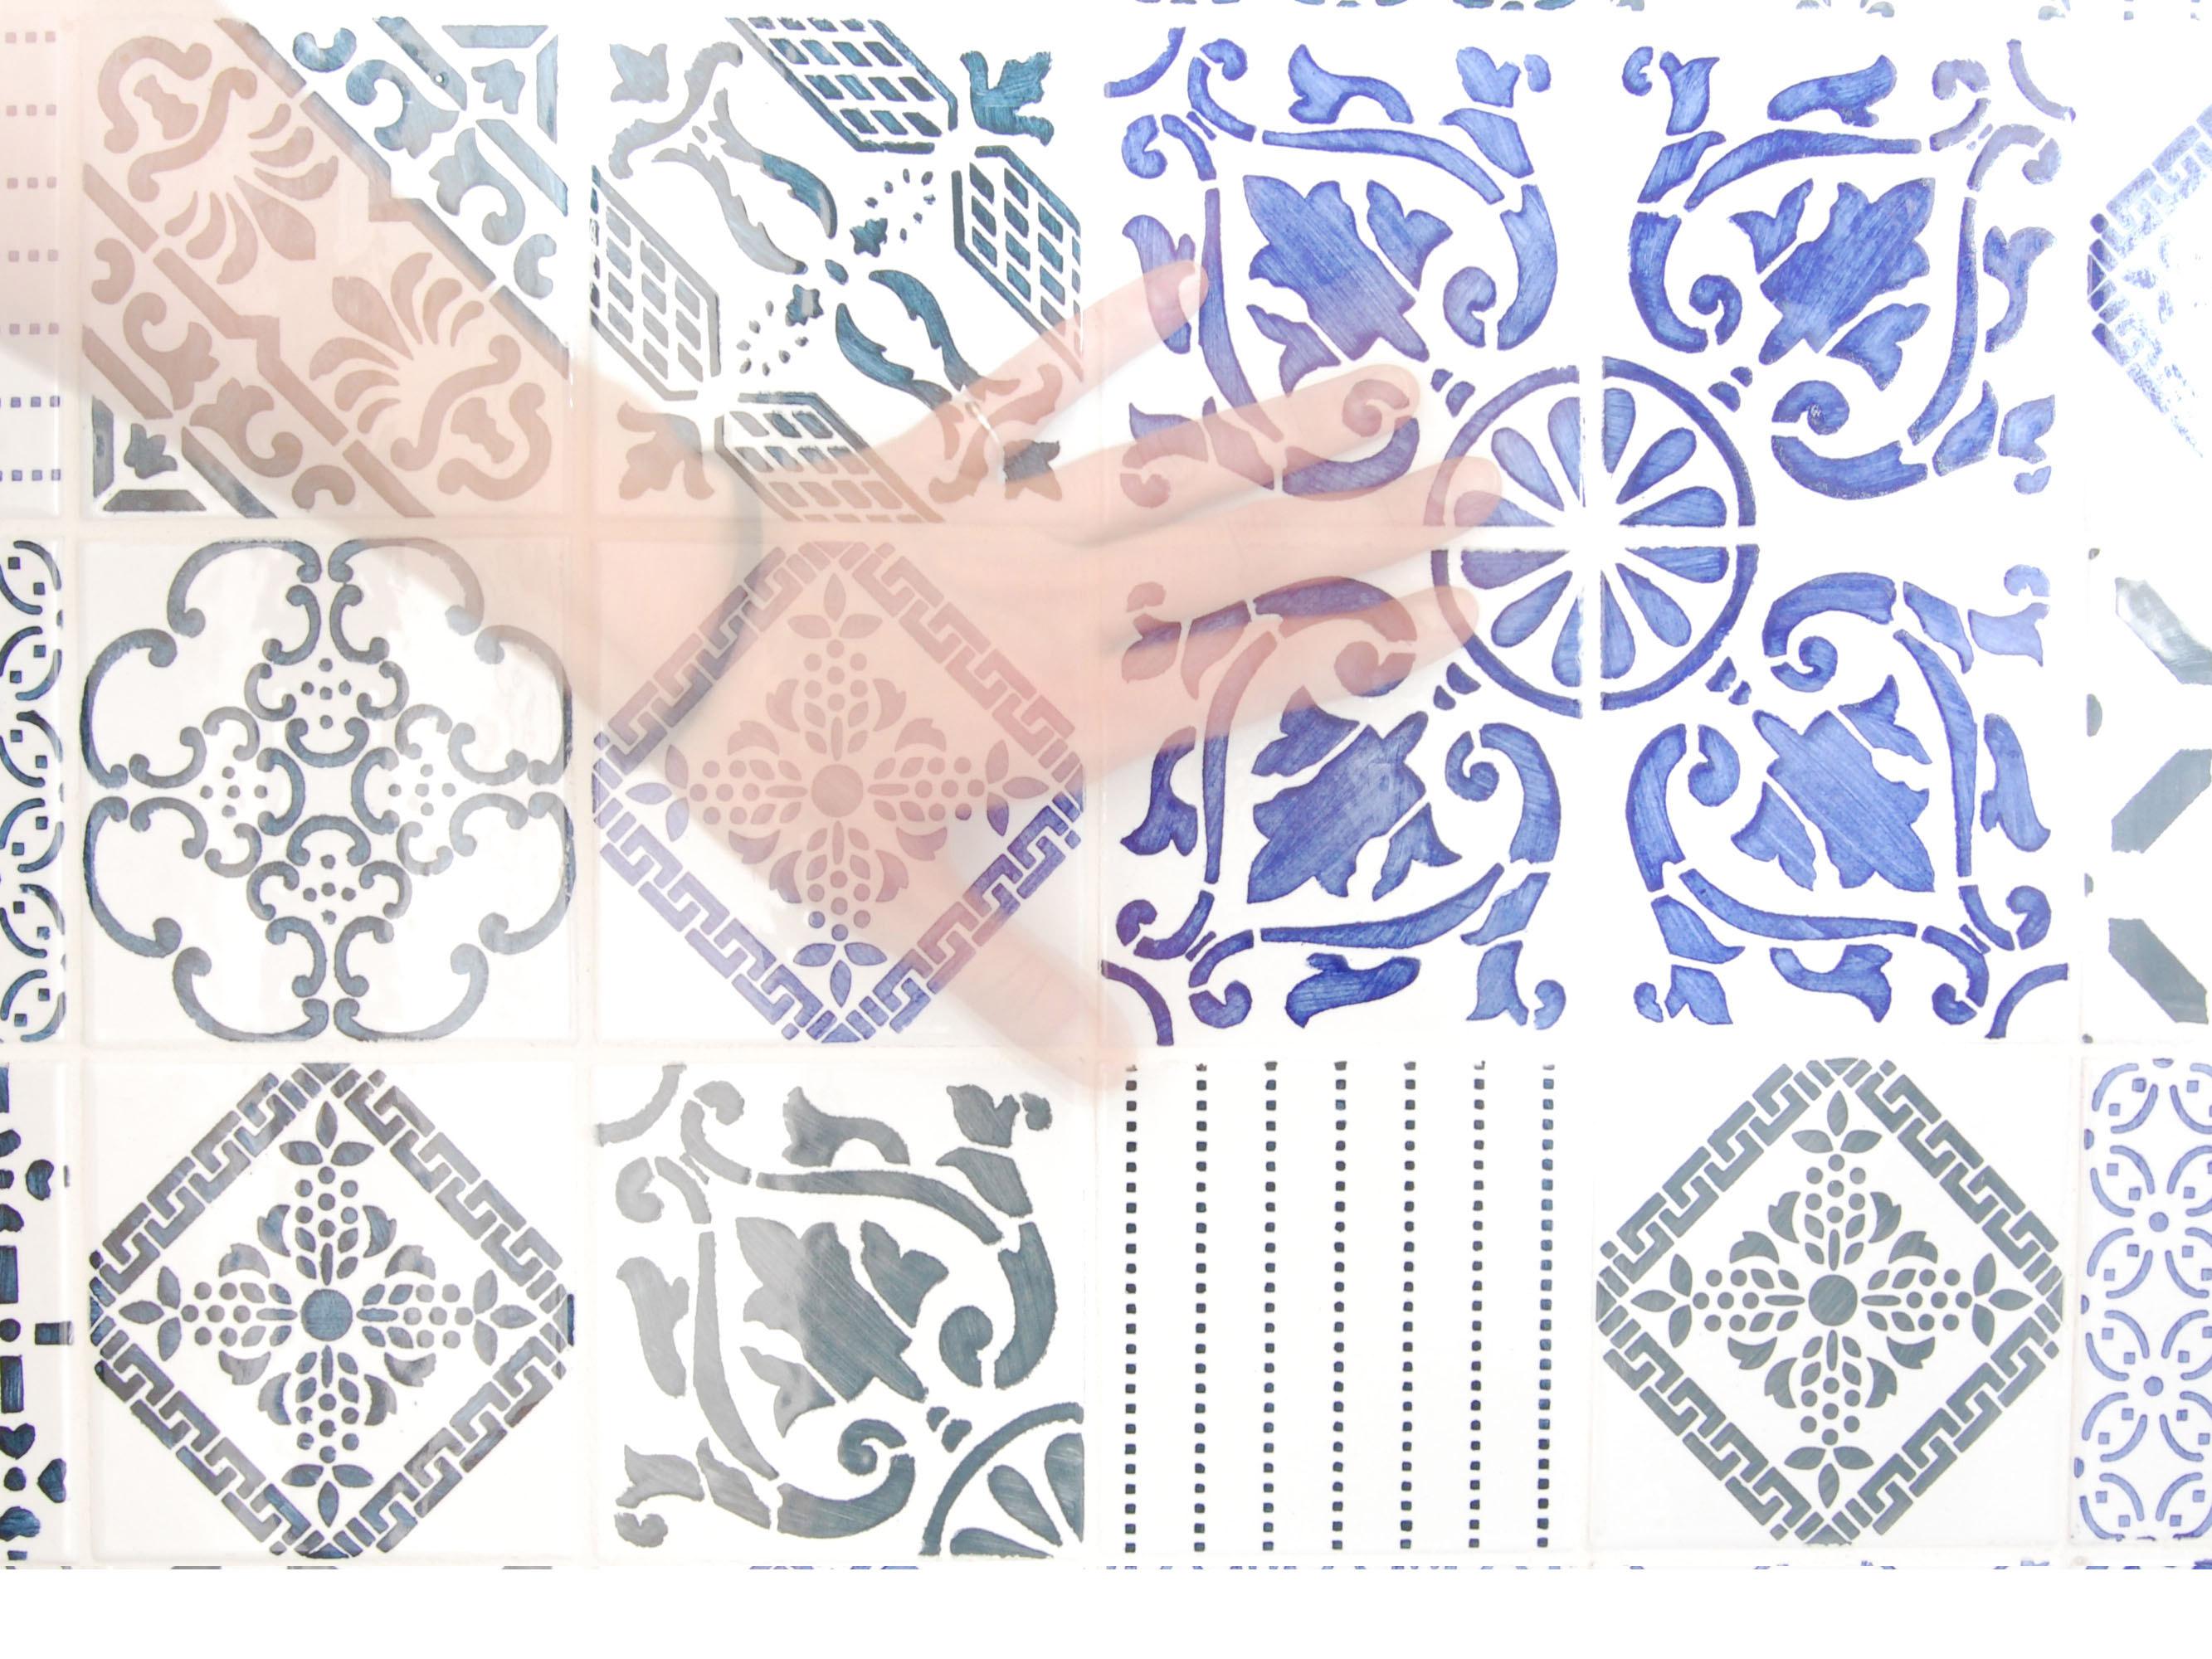 puntozero-architetti_casa-cola-di-rienzo-dettaglio-7_lowres